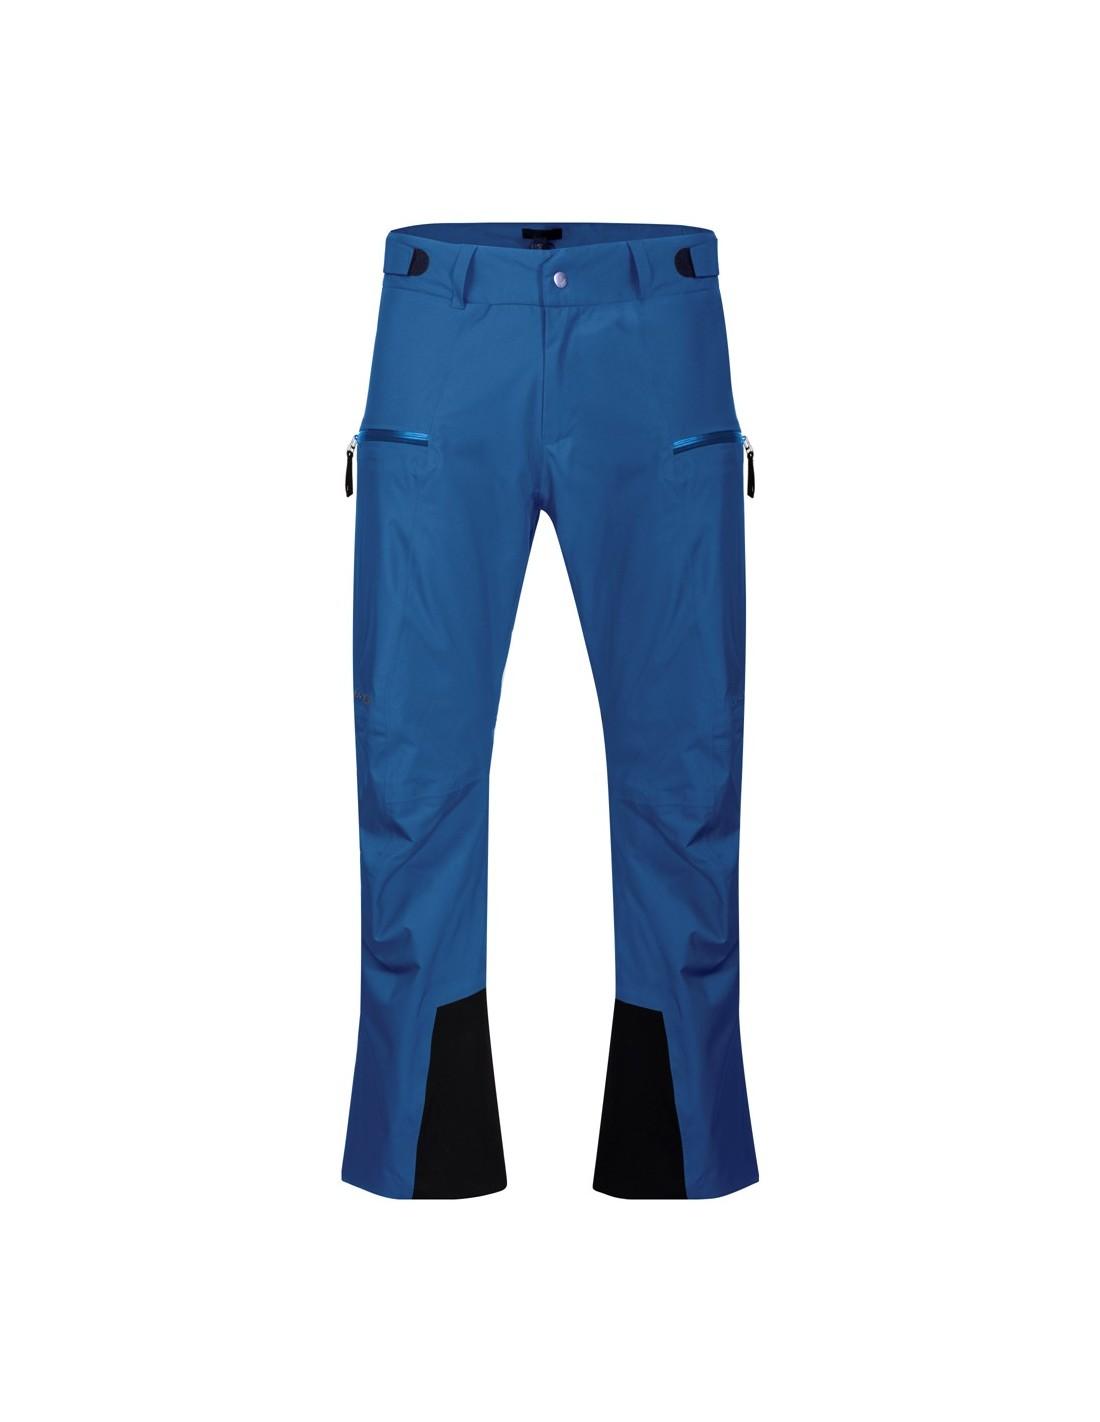 4982579ab00 ... Ski og Snowboardbukser Herrer Bergans Stranda Insulated Pants Herre  8752 ...